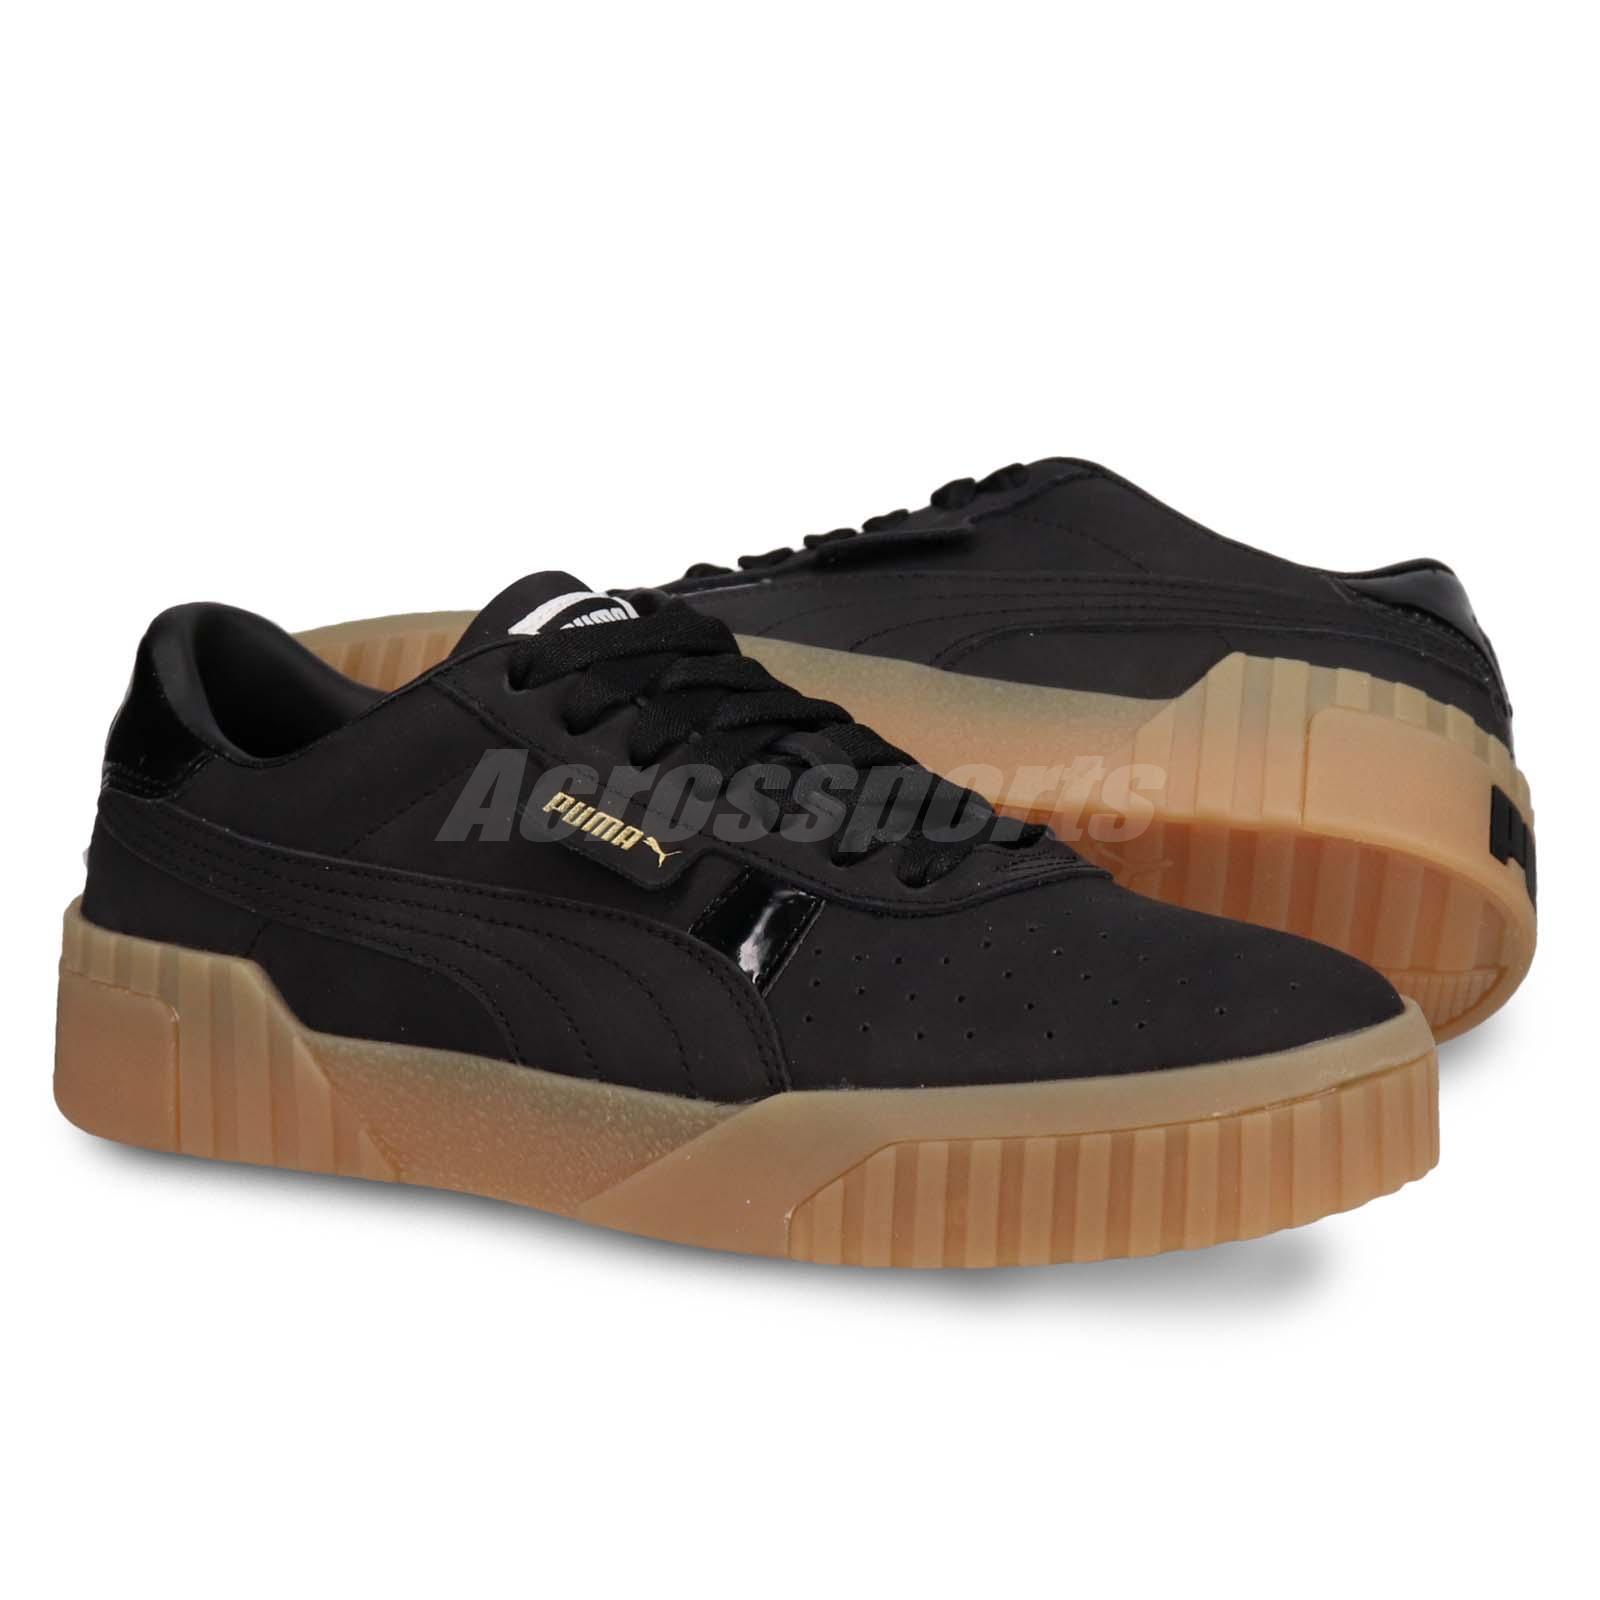 f5c7736d889d49 Details about Puma Cali Nubuck Wns Black Gold Gum Women Casual Lifestyle  Shoes 369161-03